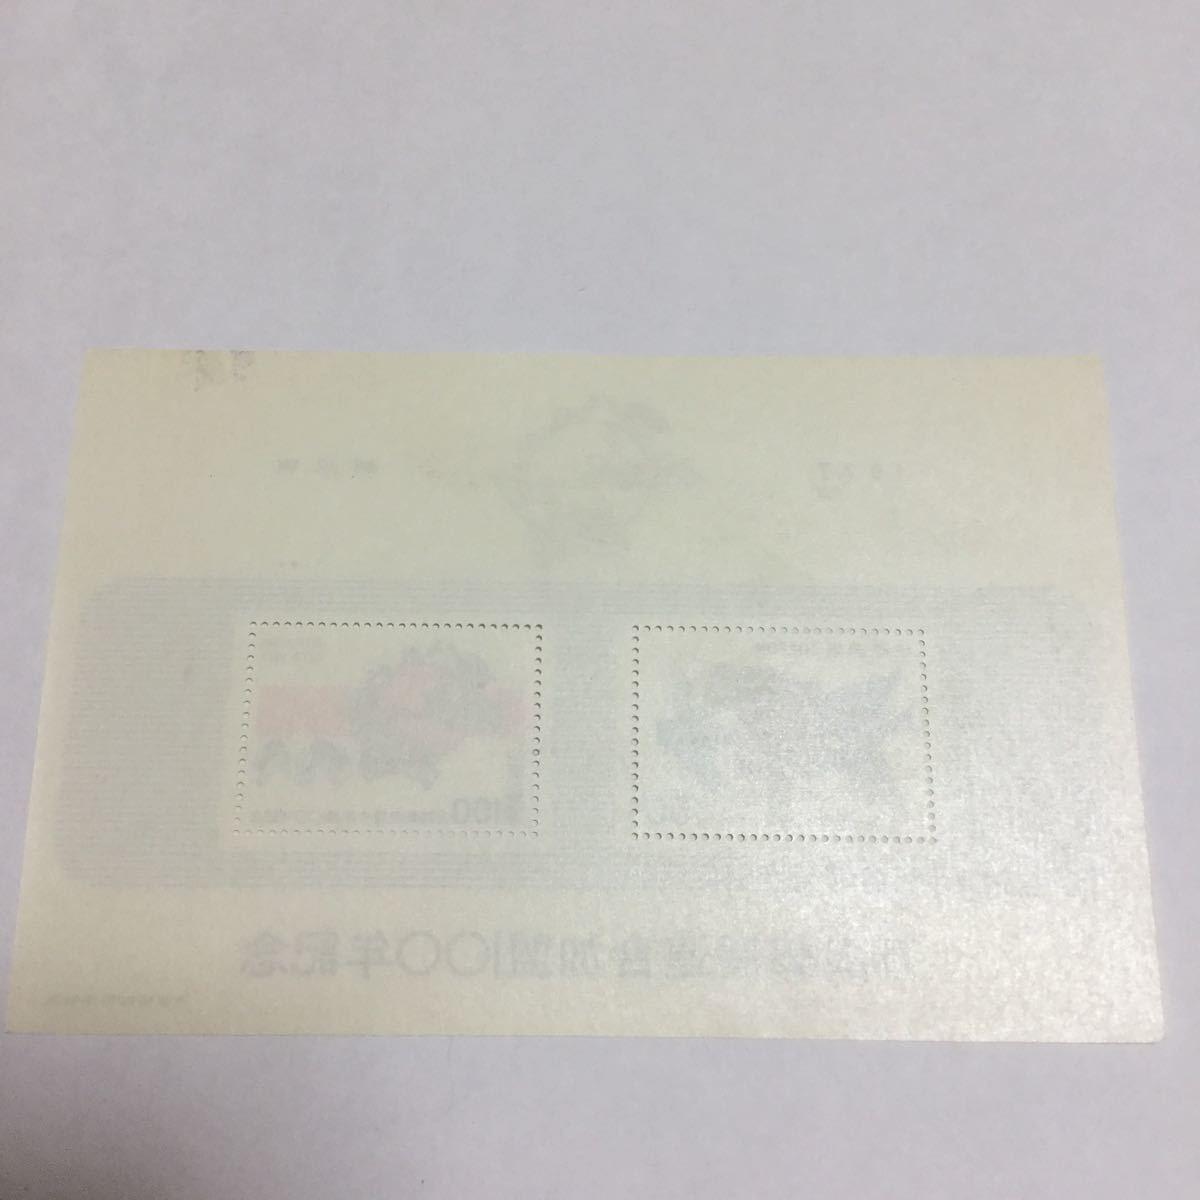 【未使用】万国郵便連合加盟100年記念 切手シート 1977年 記念切手 大蔵省印刷局製造 小型シート 50円 100円_画像4